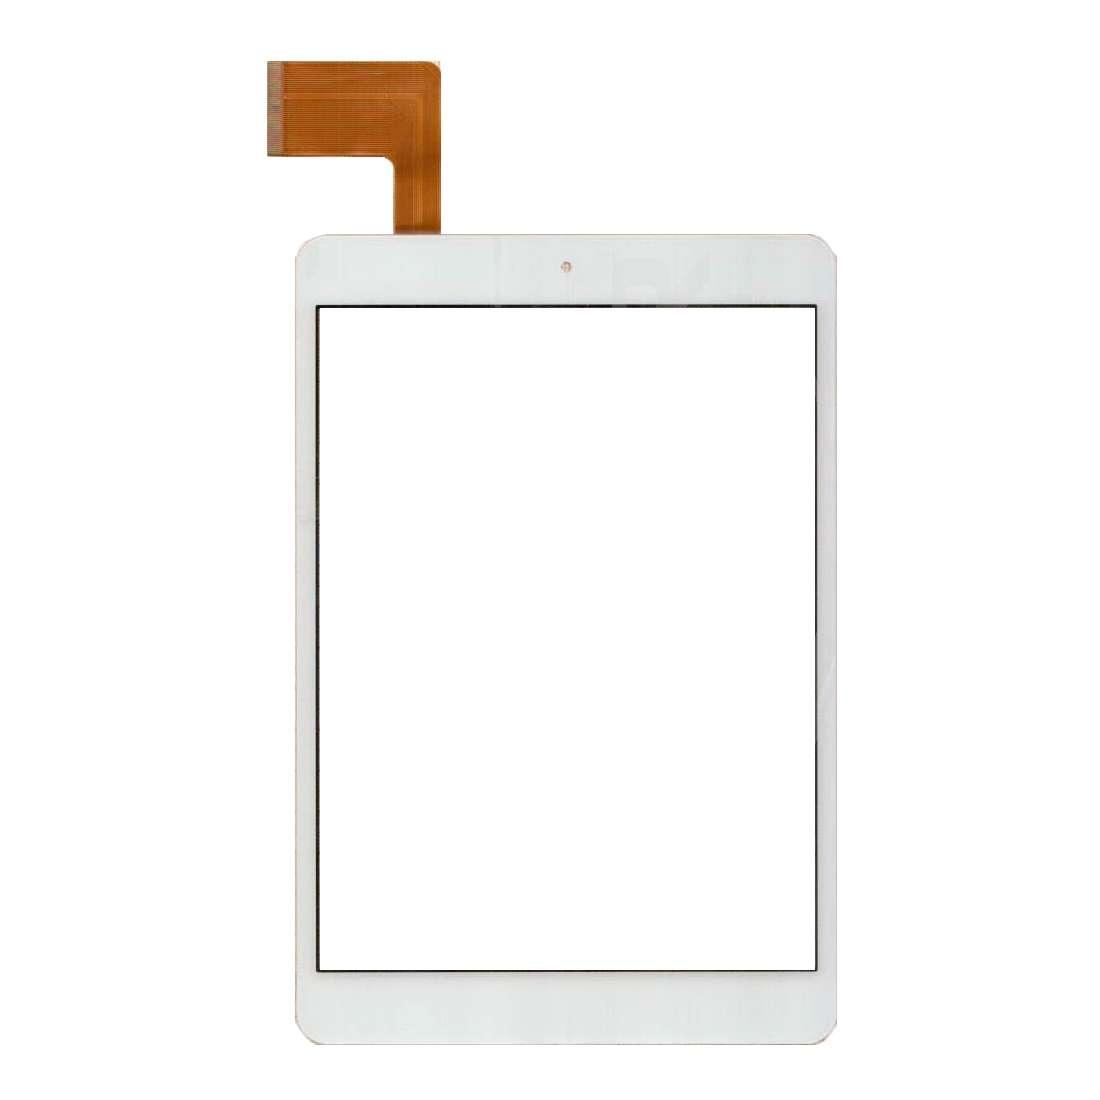 Touchscreen Digitizer nJoy Kara 8 alb Geam Sticla Tableta imagine powerlaptop.ro 2021